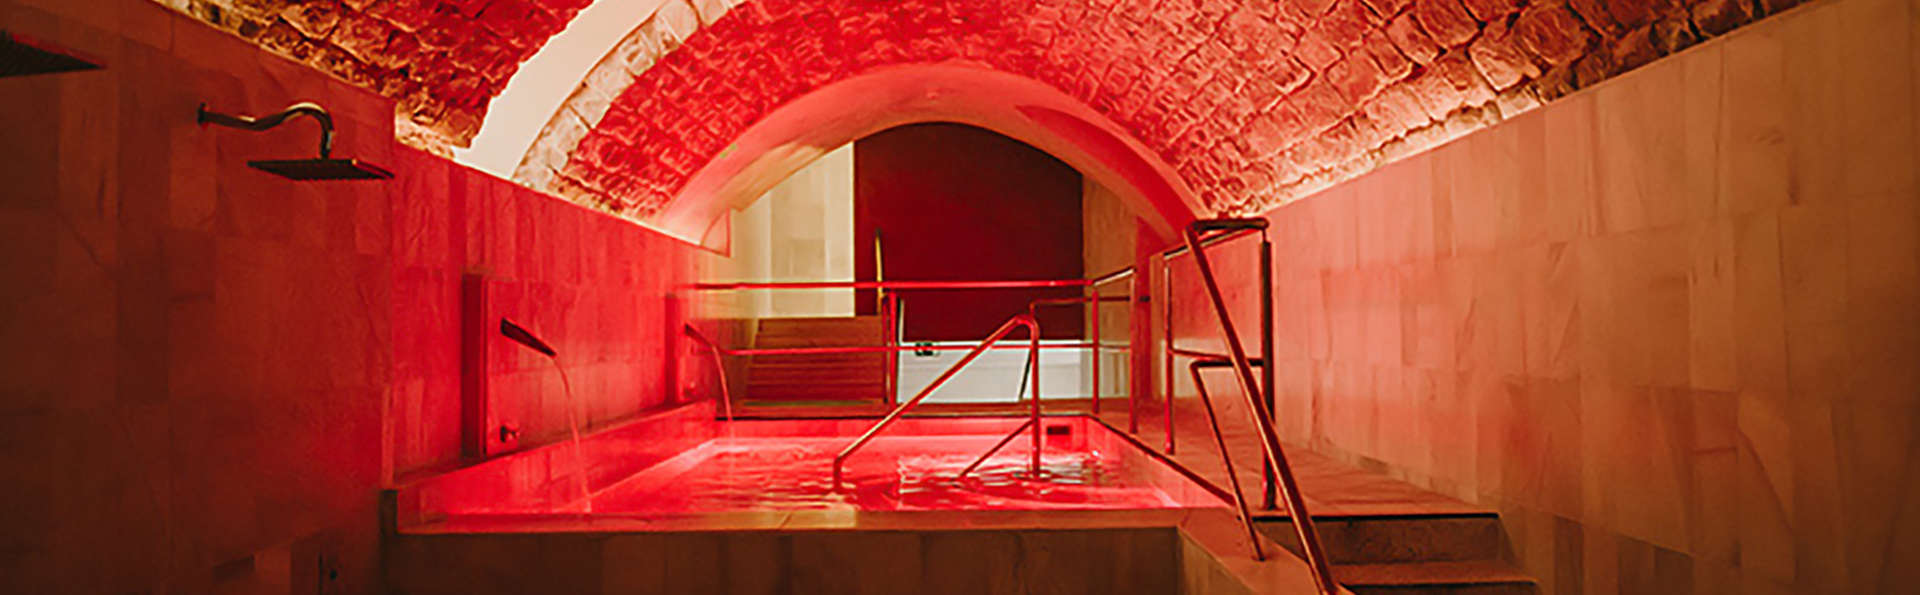 Relax 5*: alójate en Úbeda en un palacio renacentista y disfruta de un circuito spa de lujo